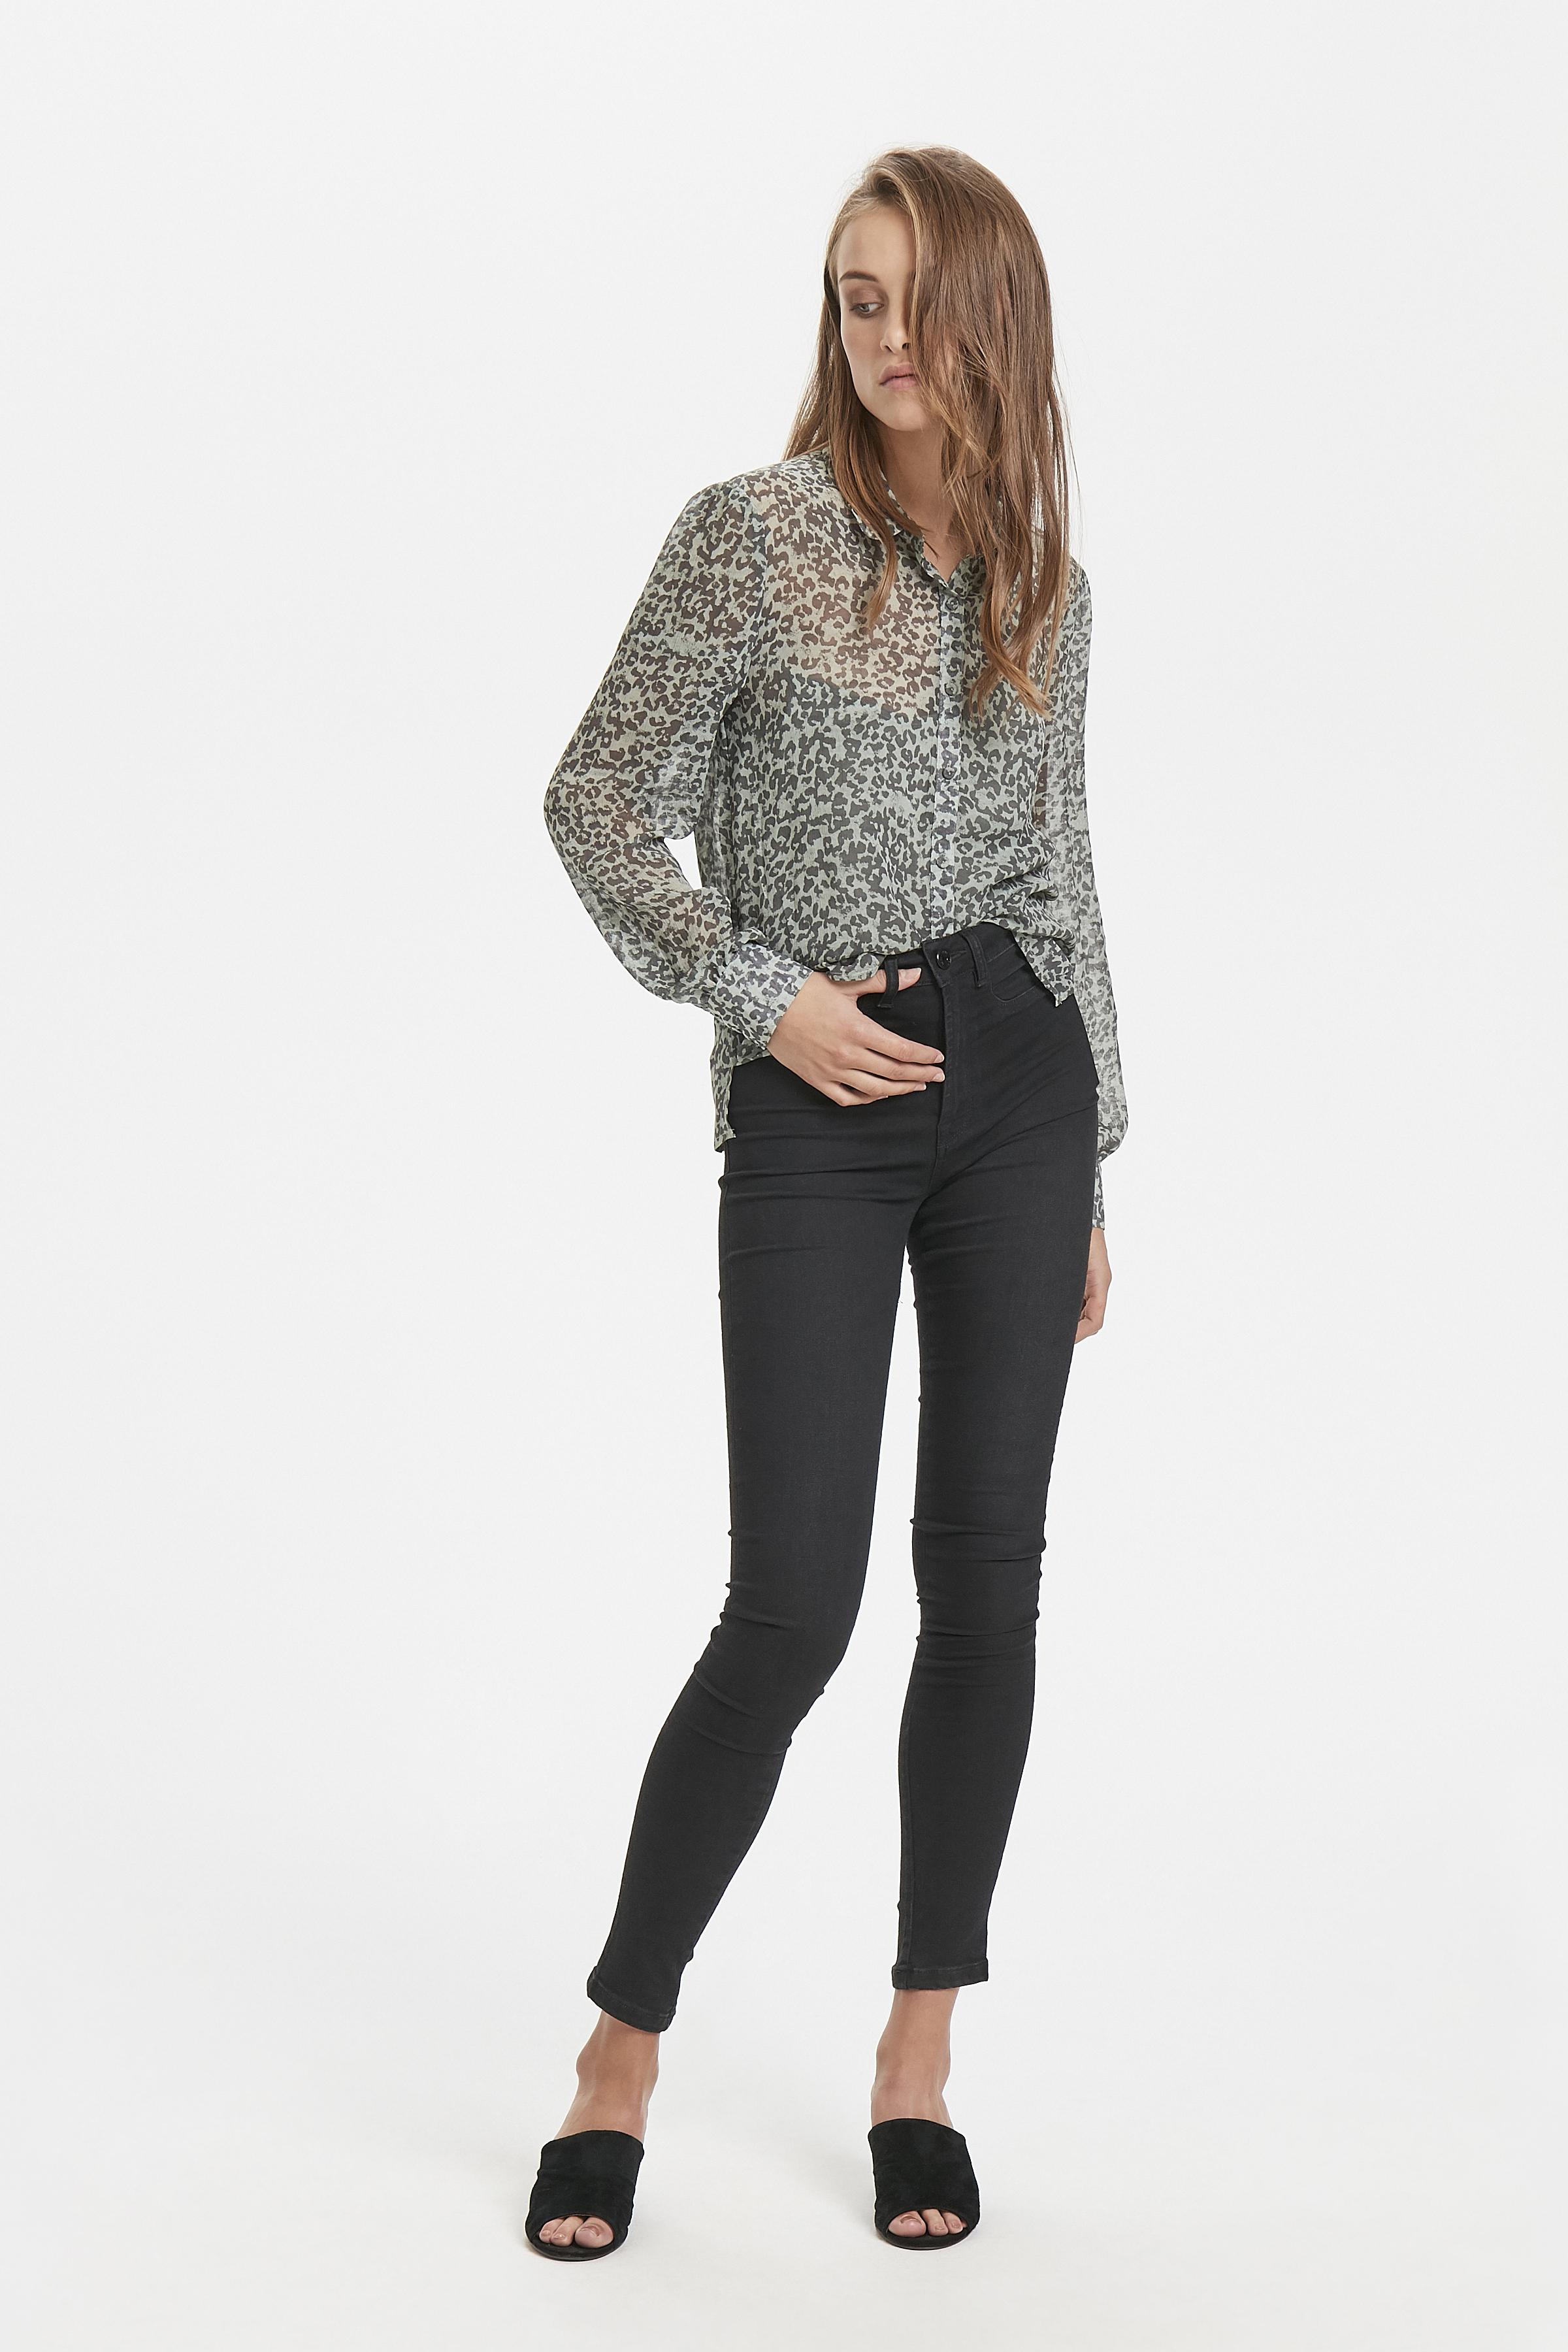 Lily Pad Langærmet skjorte – Køb Lily Pad Langærmet skjorte fra str. 34-42 her